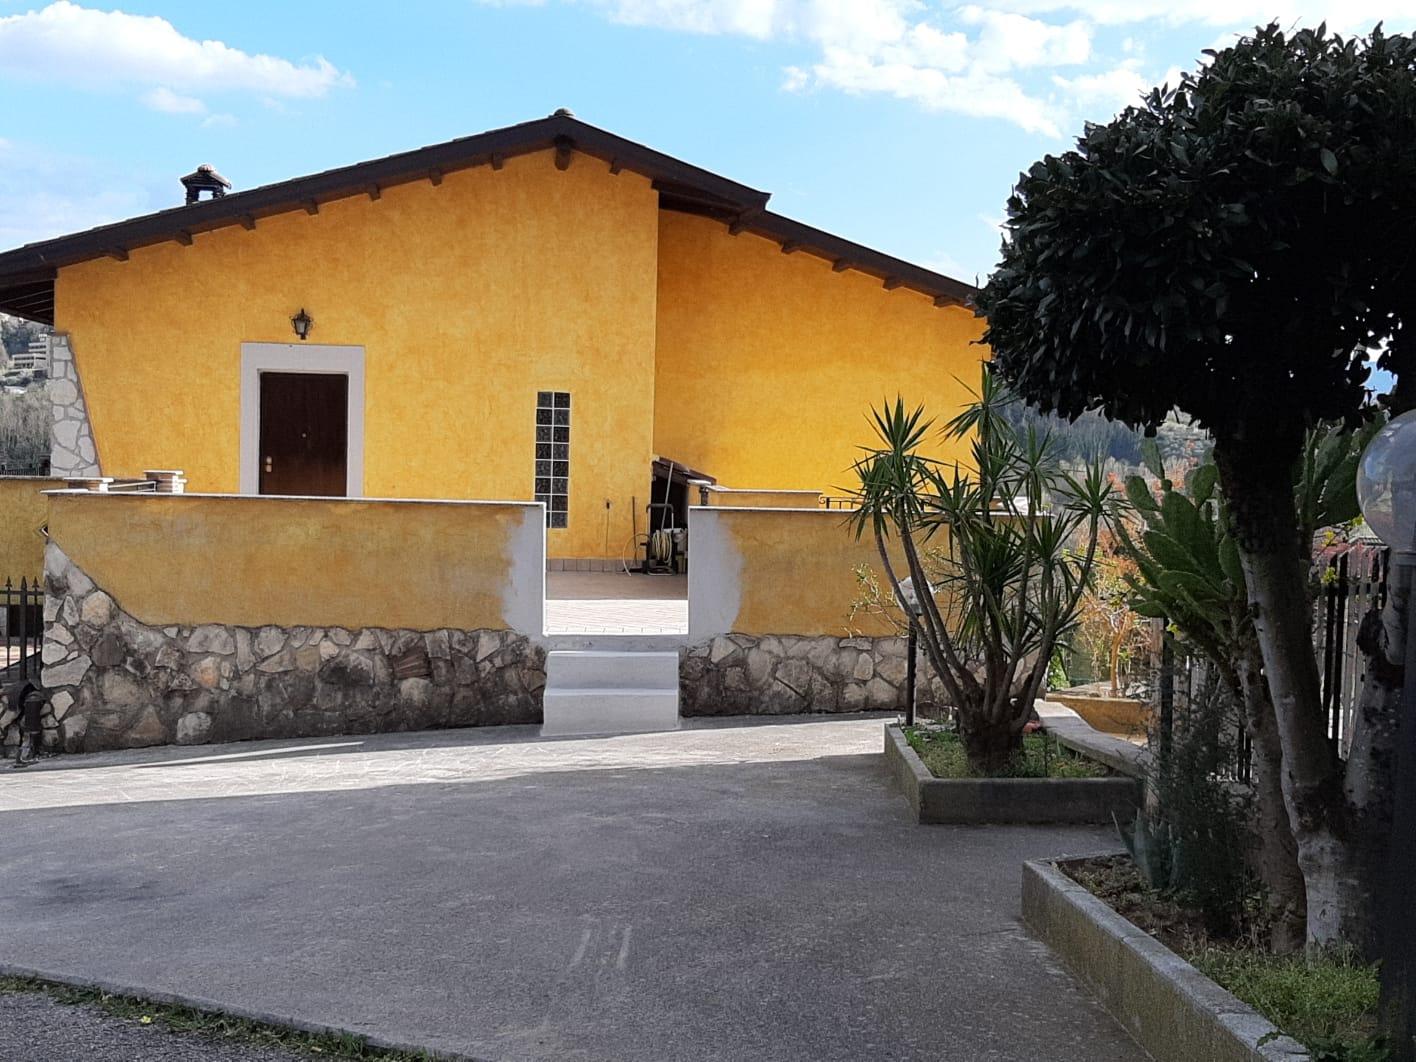 Appartamento in vendita a Strangolagalli, 5 locali, prezzo € 45.000 | PortaleAgenzieImmobiliari.it